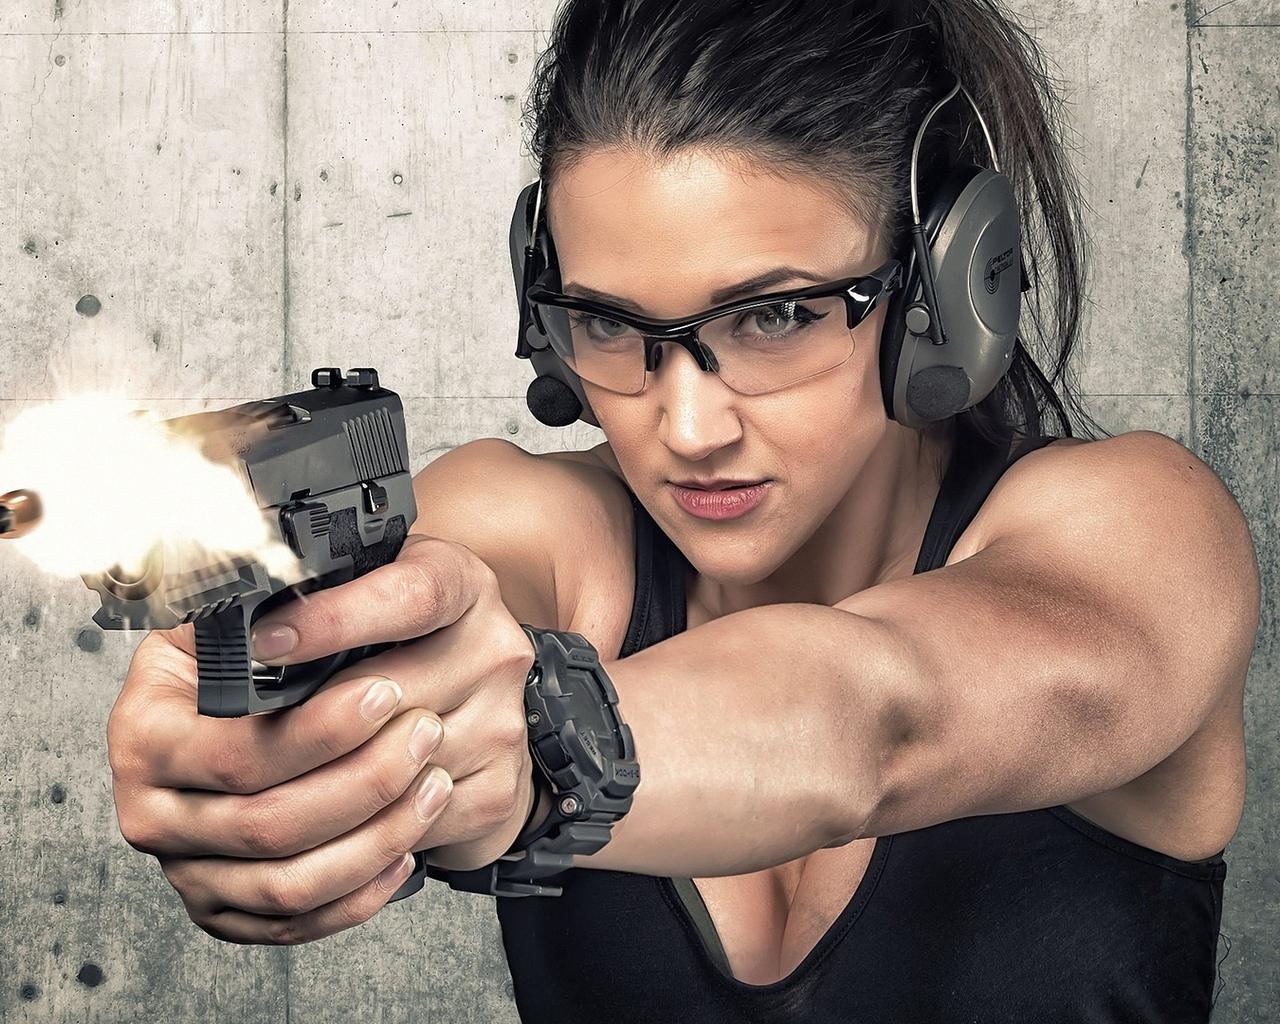 девушка, стрельба, оружие, очки, наушники, тир